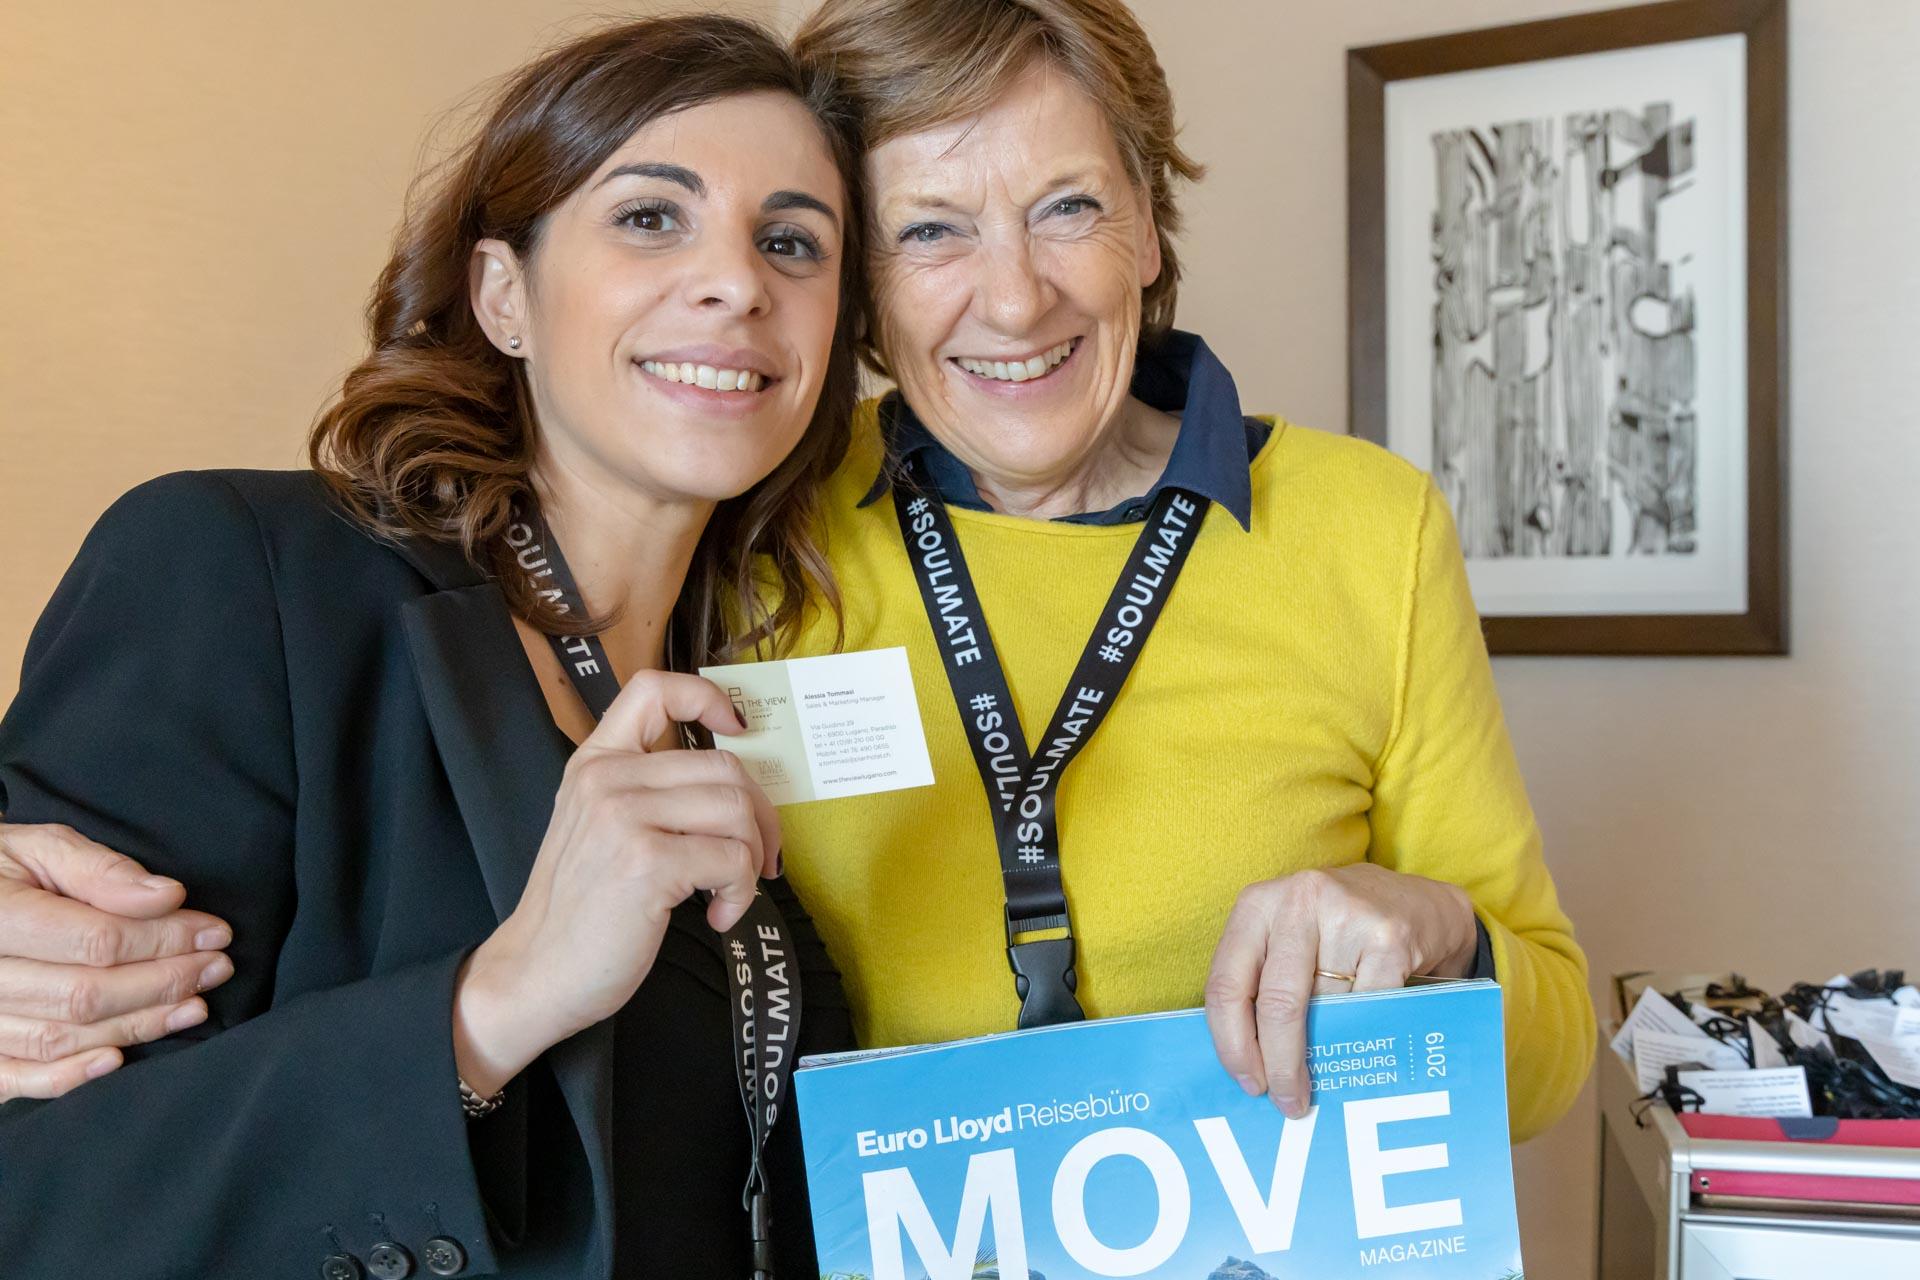 Alessia Tommasi von The View Lugano mit Gabriele Reminder-Schray